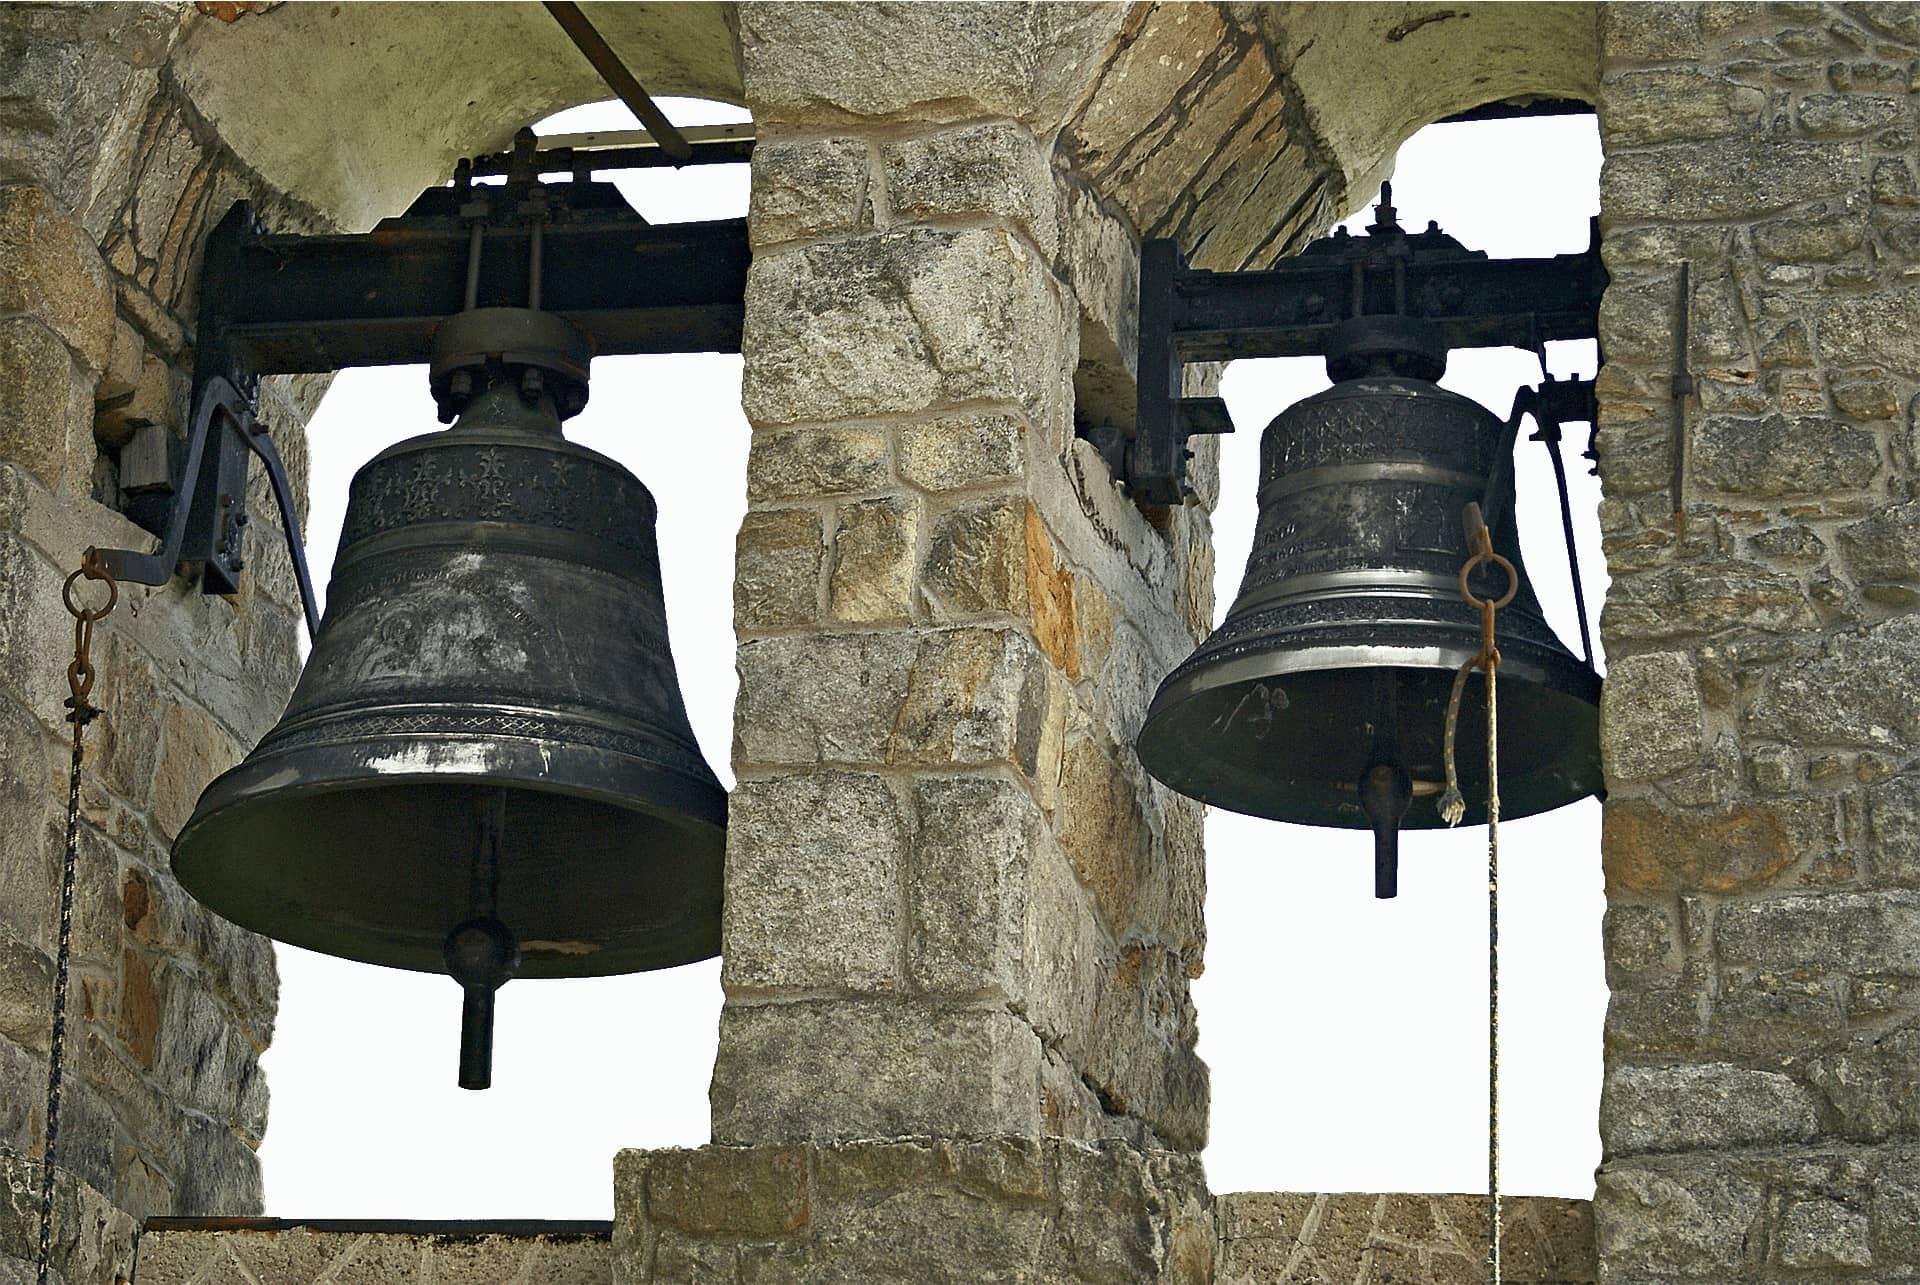 Spiżowe dzwony (pixabay)